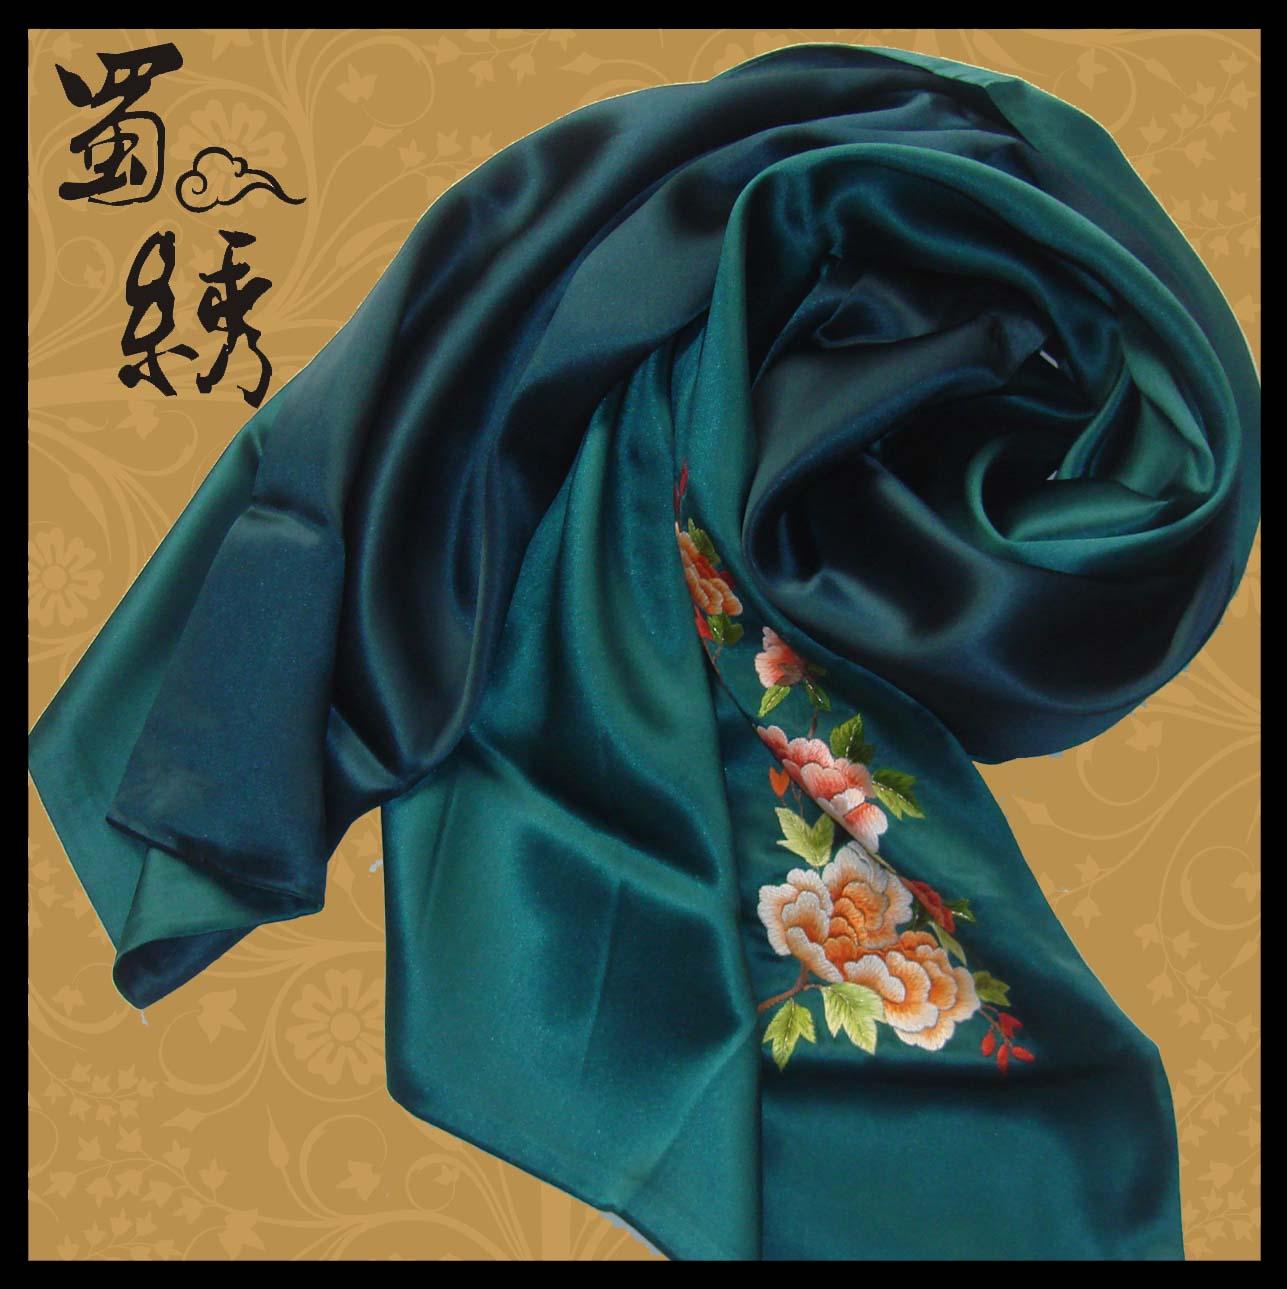 镜框系列 蜀绣 熊猫系列 太阳神鸟 花鸟动物 单面蜀绣 实用品 丝巾图片